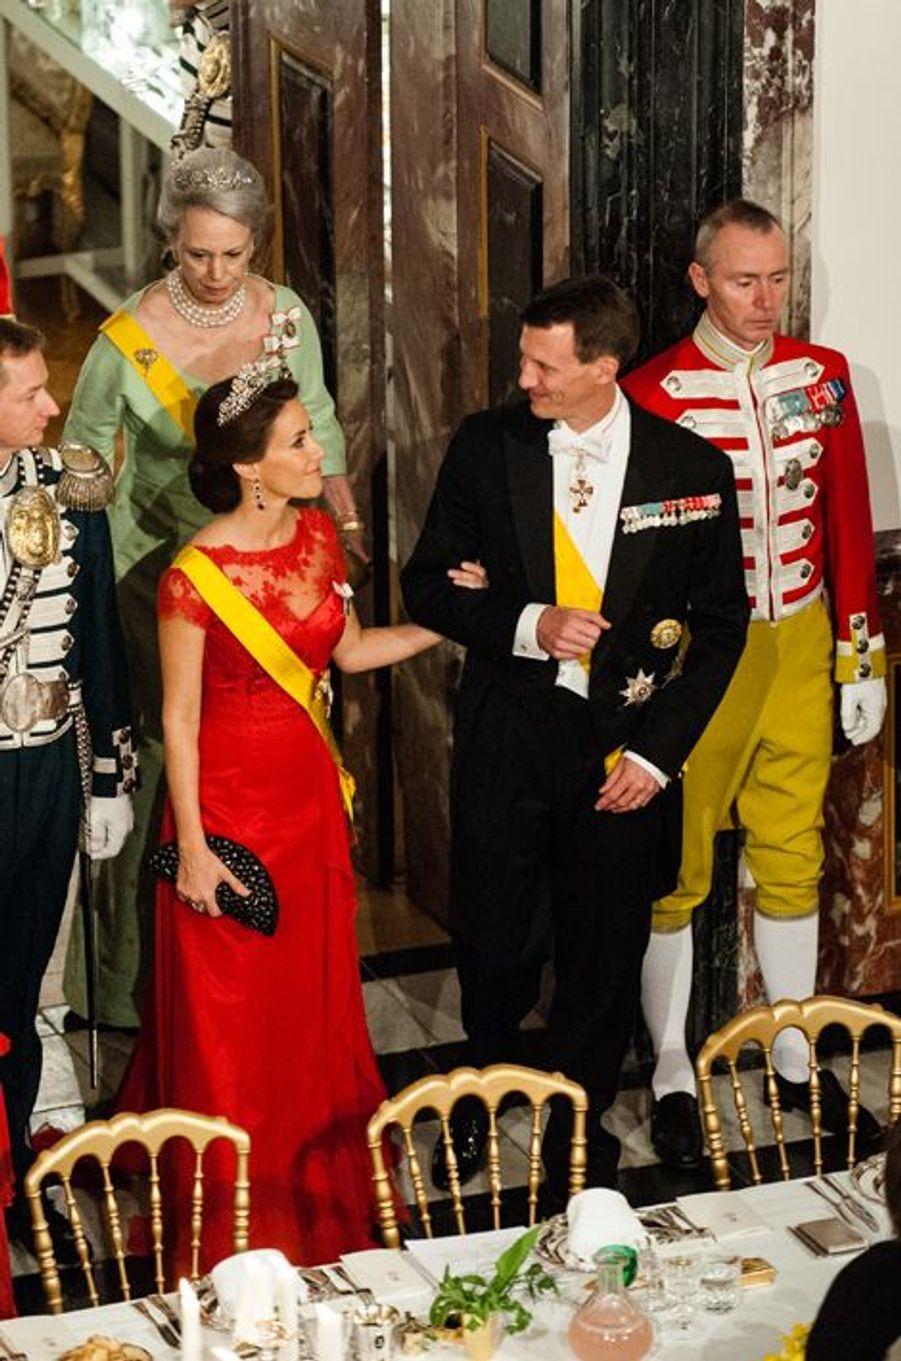 La princesse Marie et le prince Joachim de Danemark à Fredensborg, le 13 avril 2016